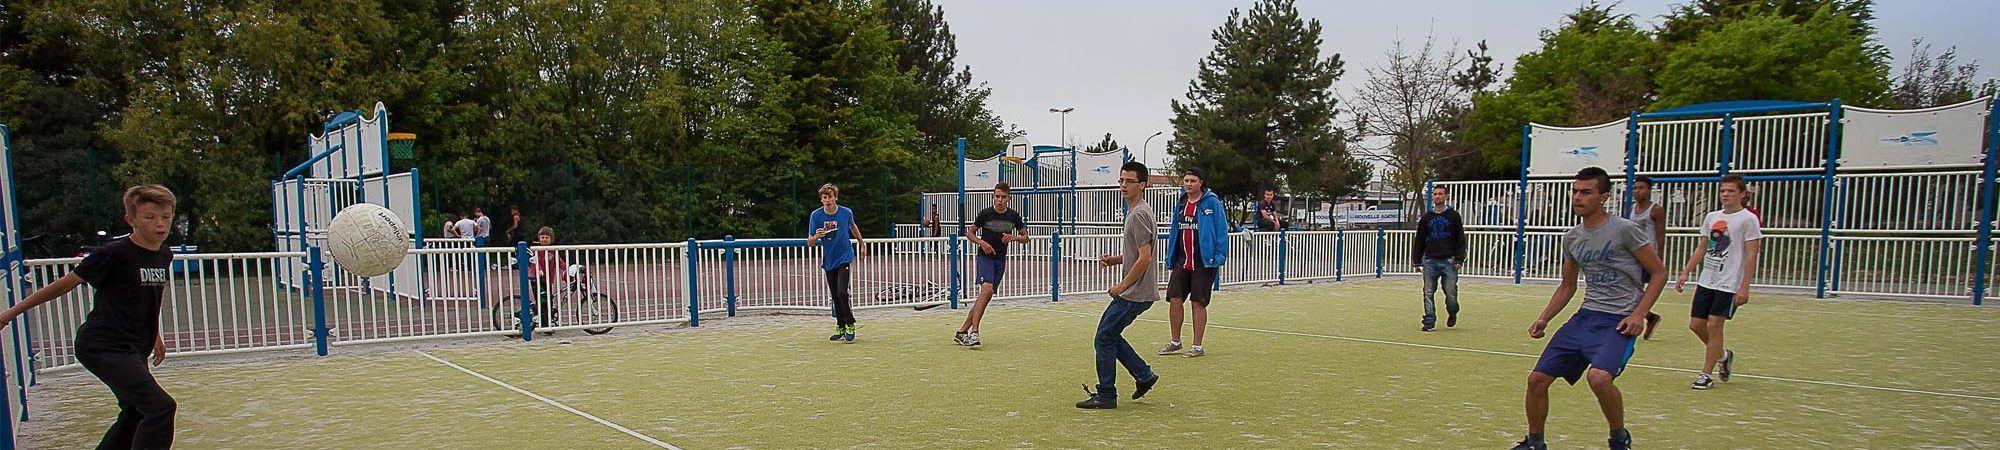 Bandeau de la page 'Nouveauté 2017 : l'École municipale des sports